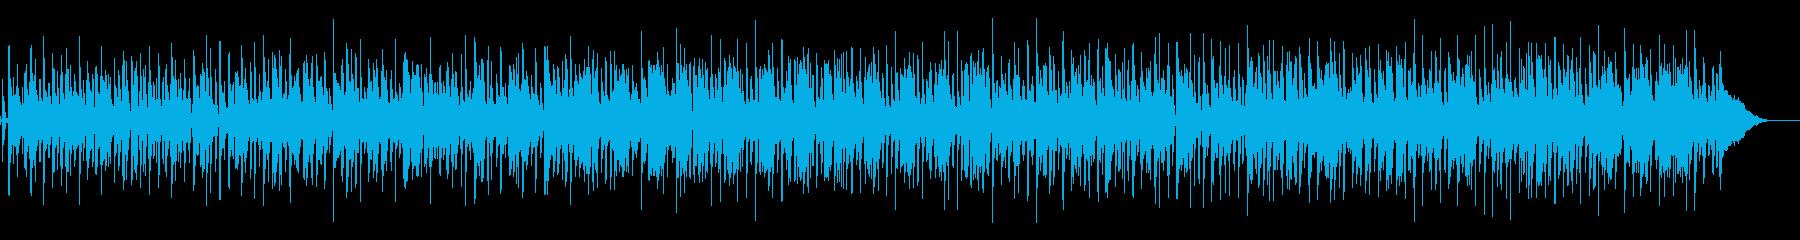 コーヒーブレイク風の軽いBGMの再生済みの波形